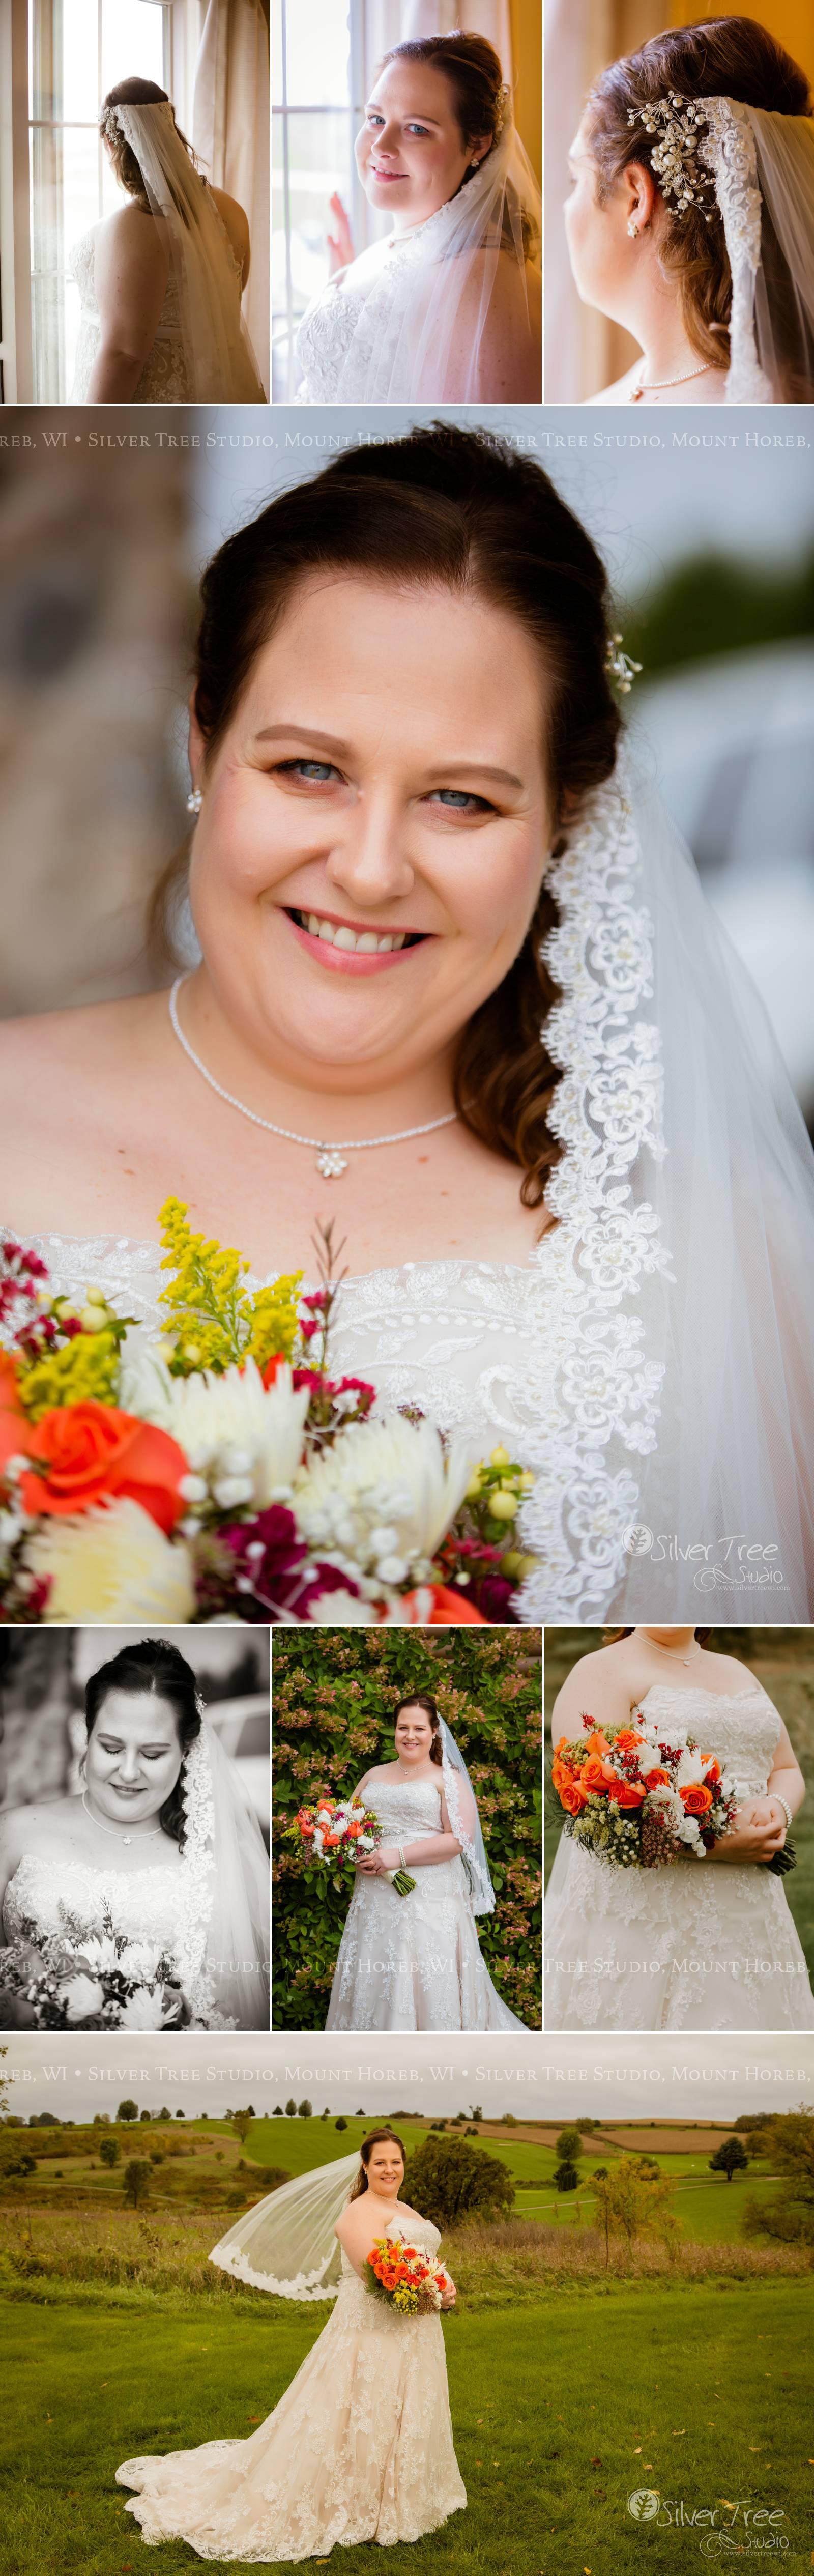 October-Wisconsin-Wedding_2018-05.jpg